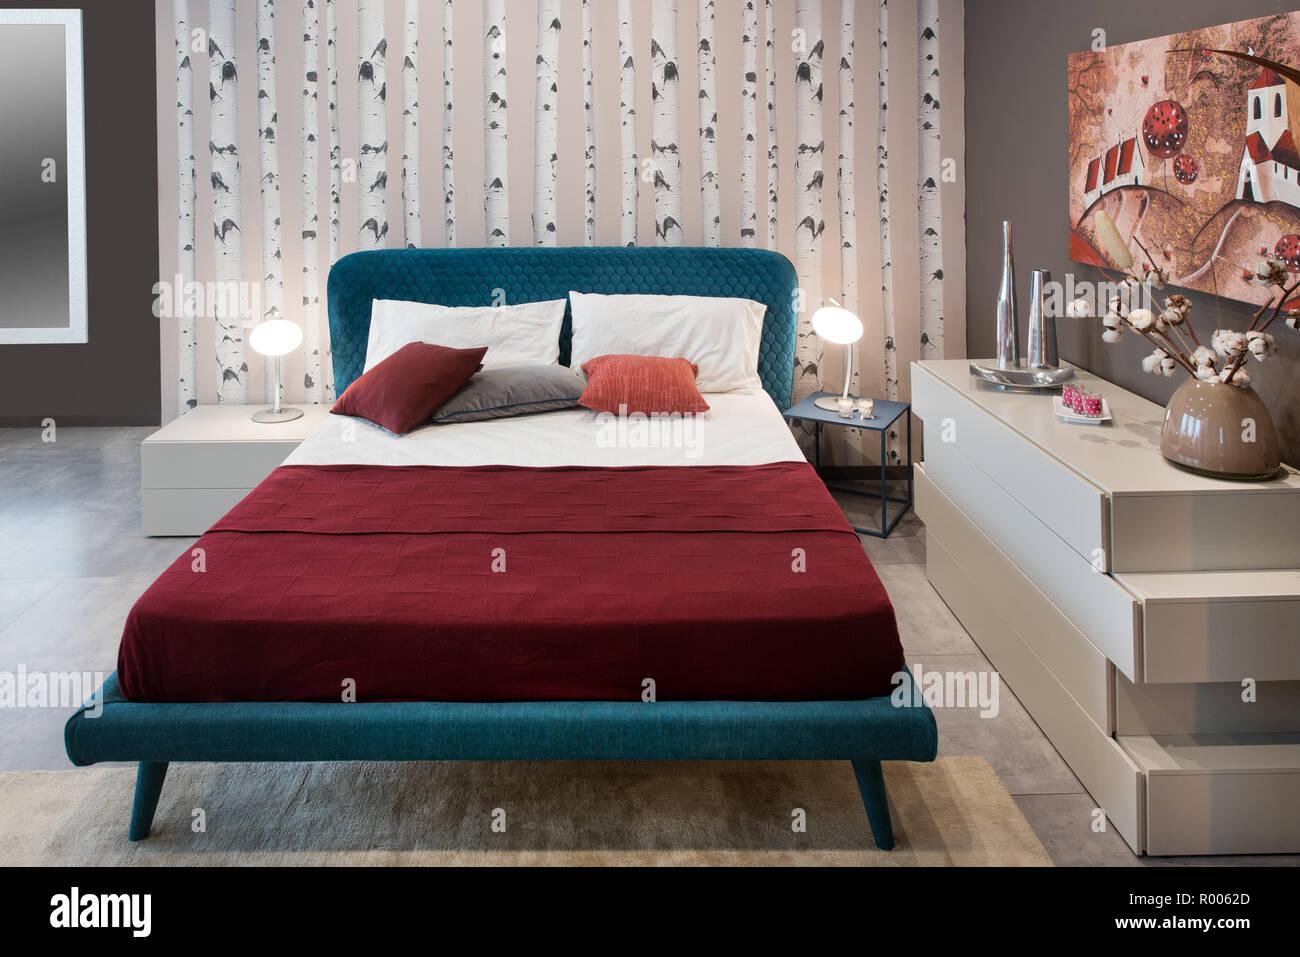 Concepto De Dormitorio Con Cama De Diseño Vintage Azul